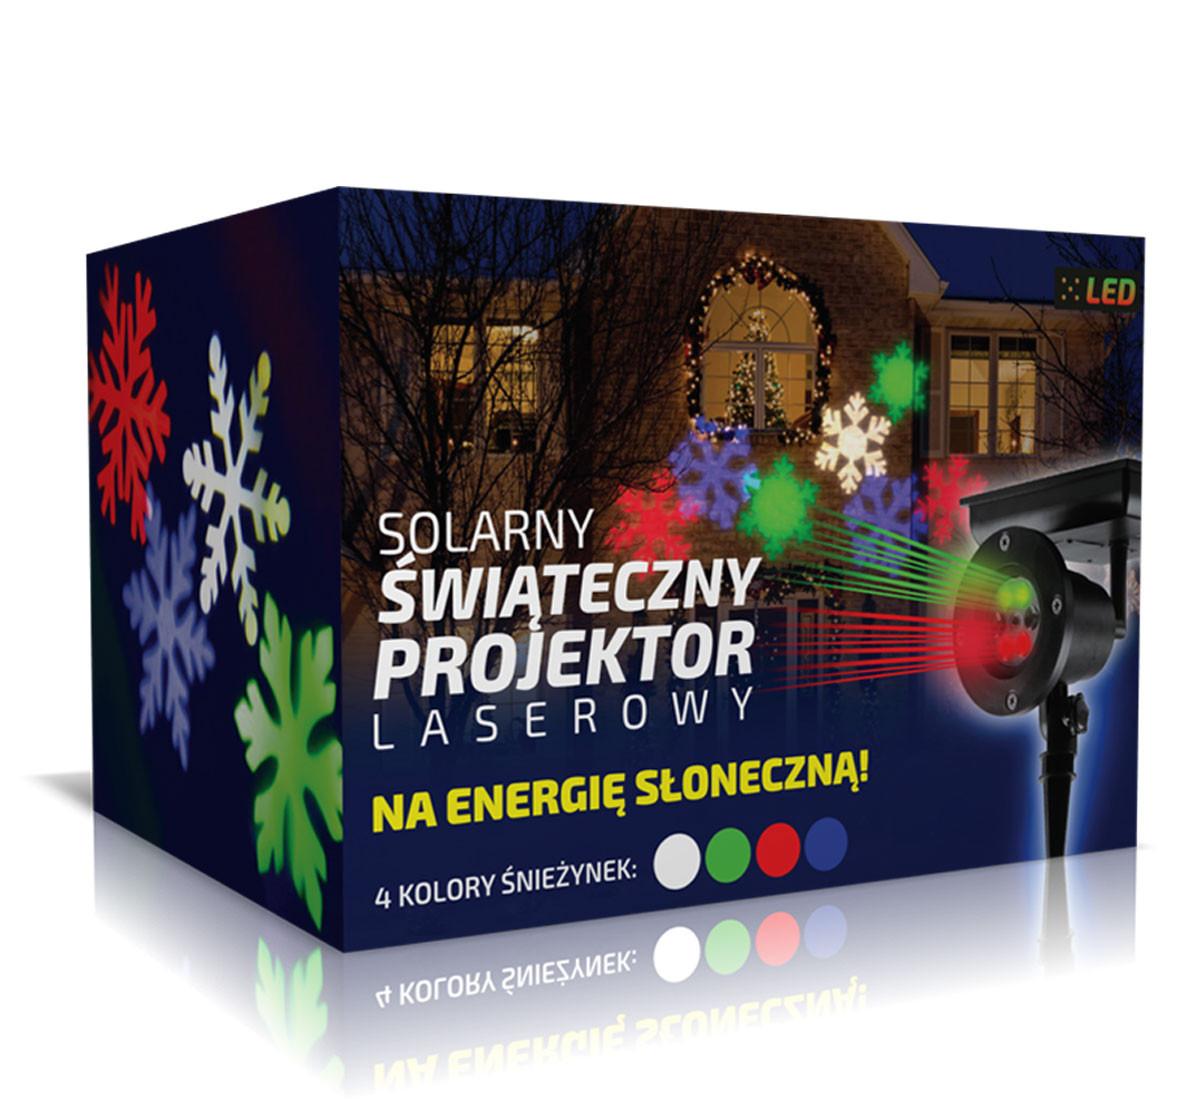 Pudełko do projektora laserowego świątecznego ze śnieżynkami